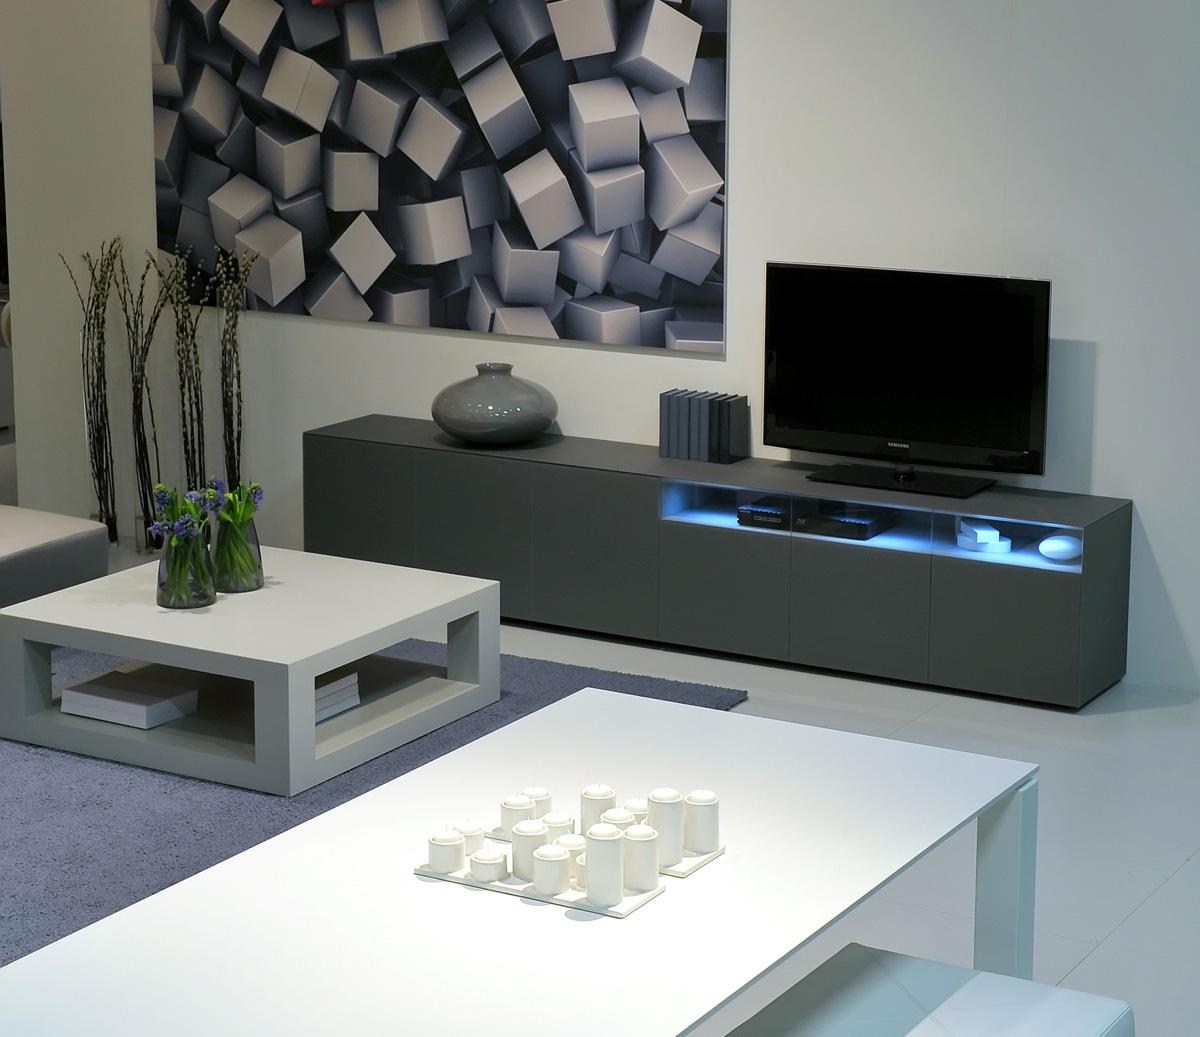 Meuble tv karat mobilier design d coration d 39 int rieur for Catalogue mobilier design